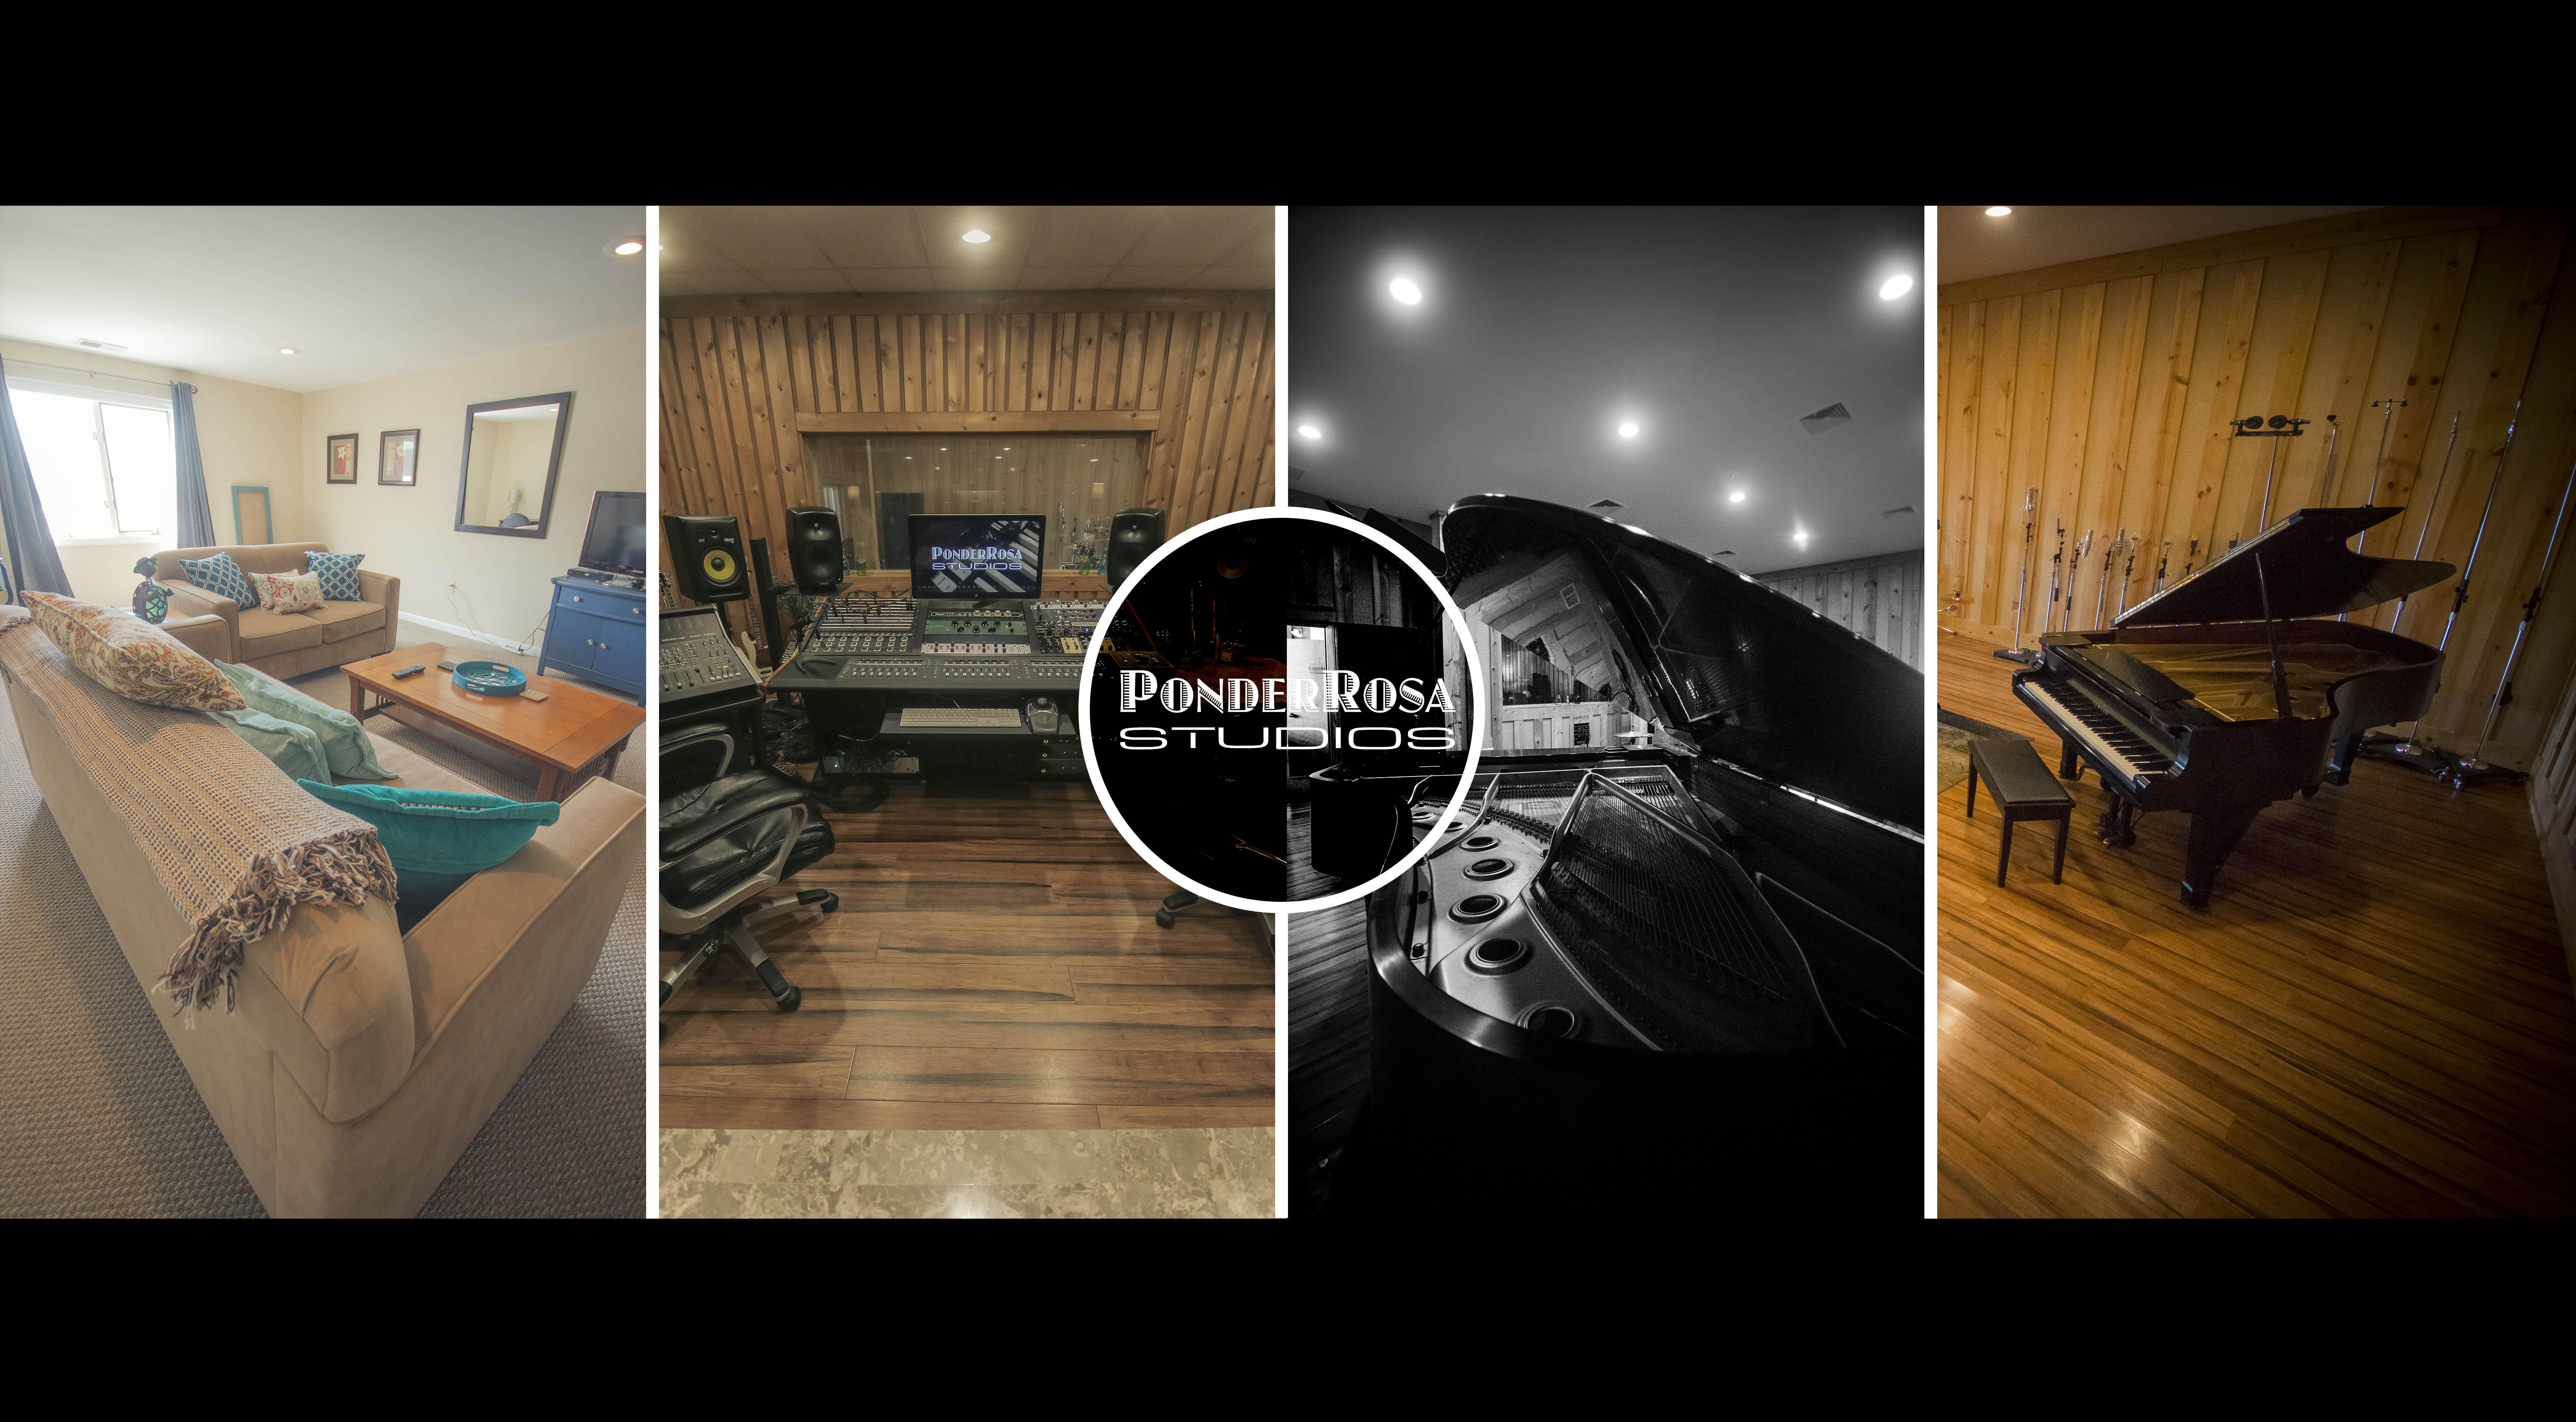 Studio Music Videos